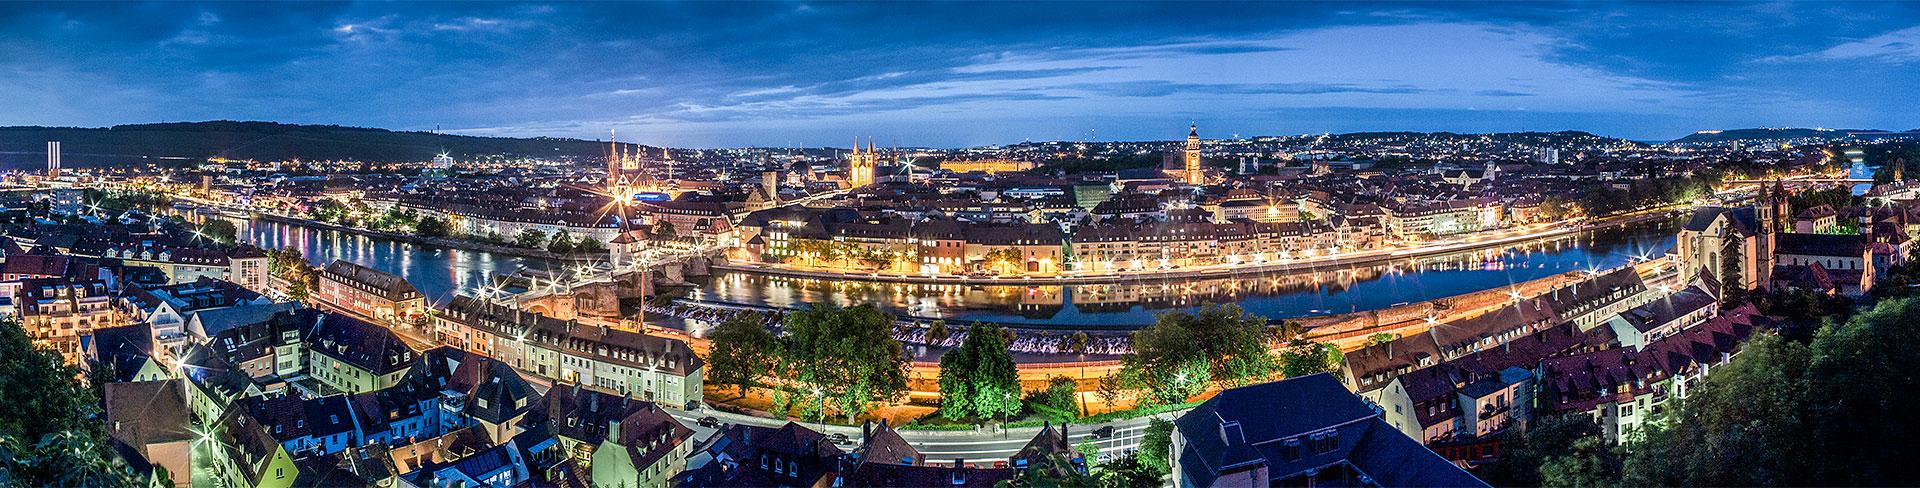 Würzburg Ansicht bei Nacht